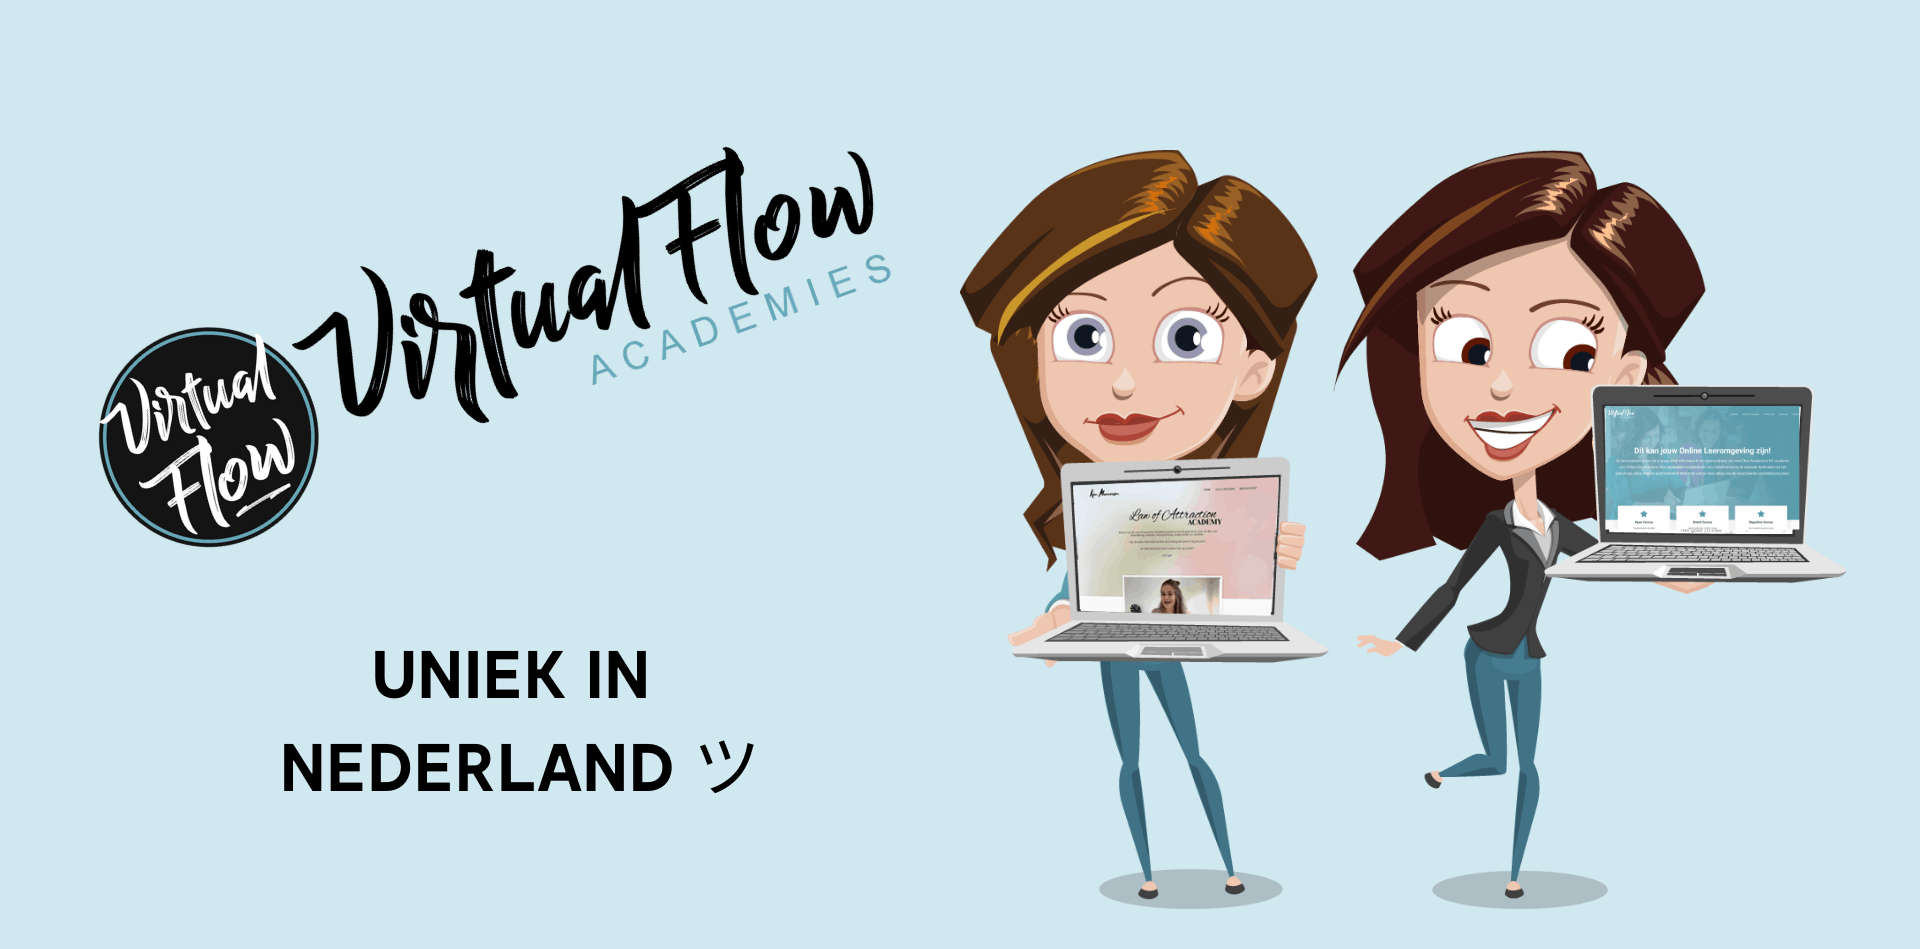 VirtualFlow_FlowAcademies